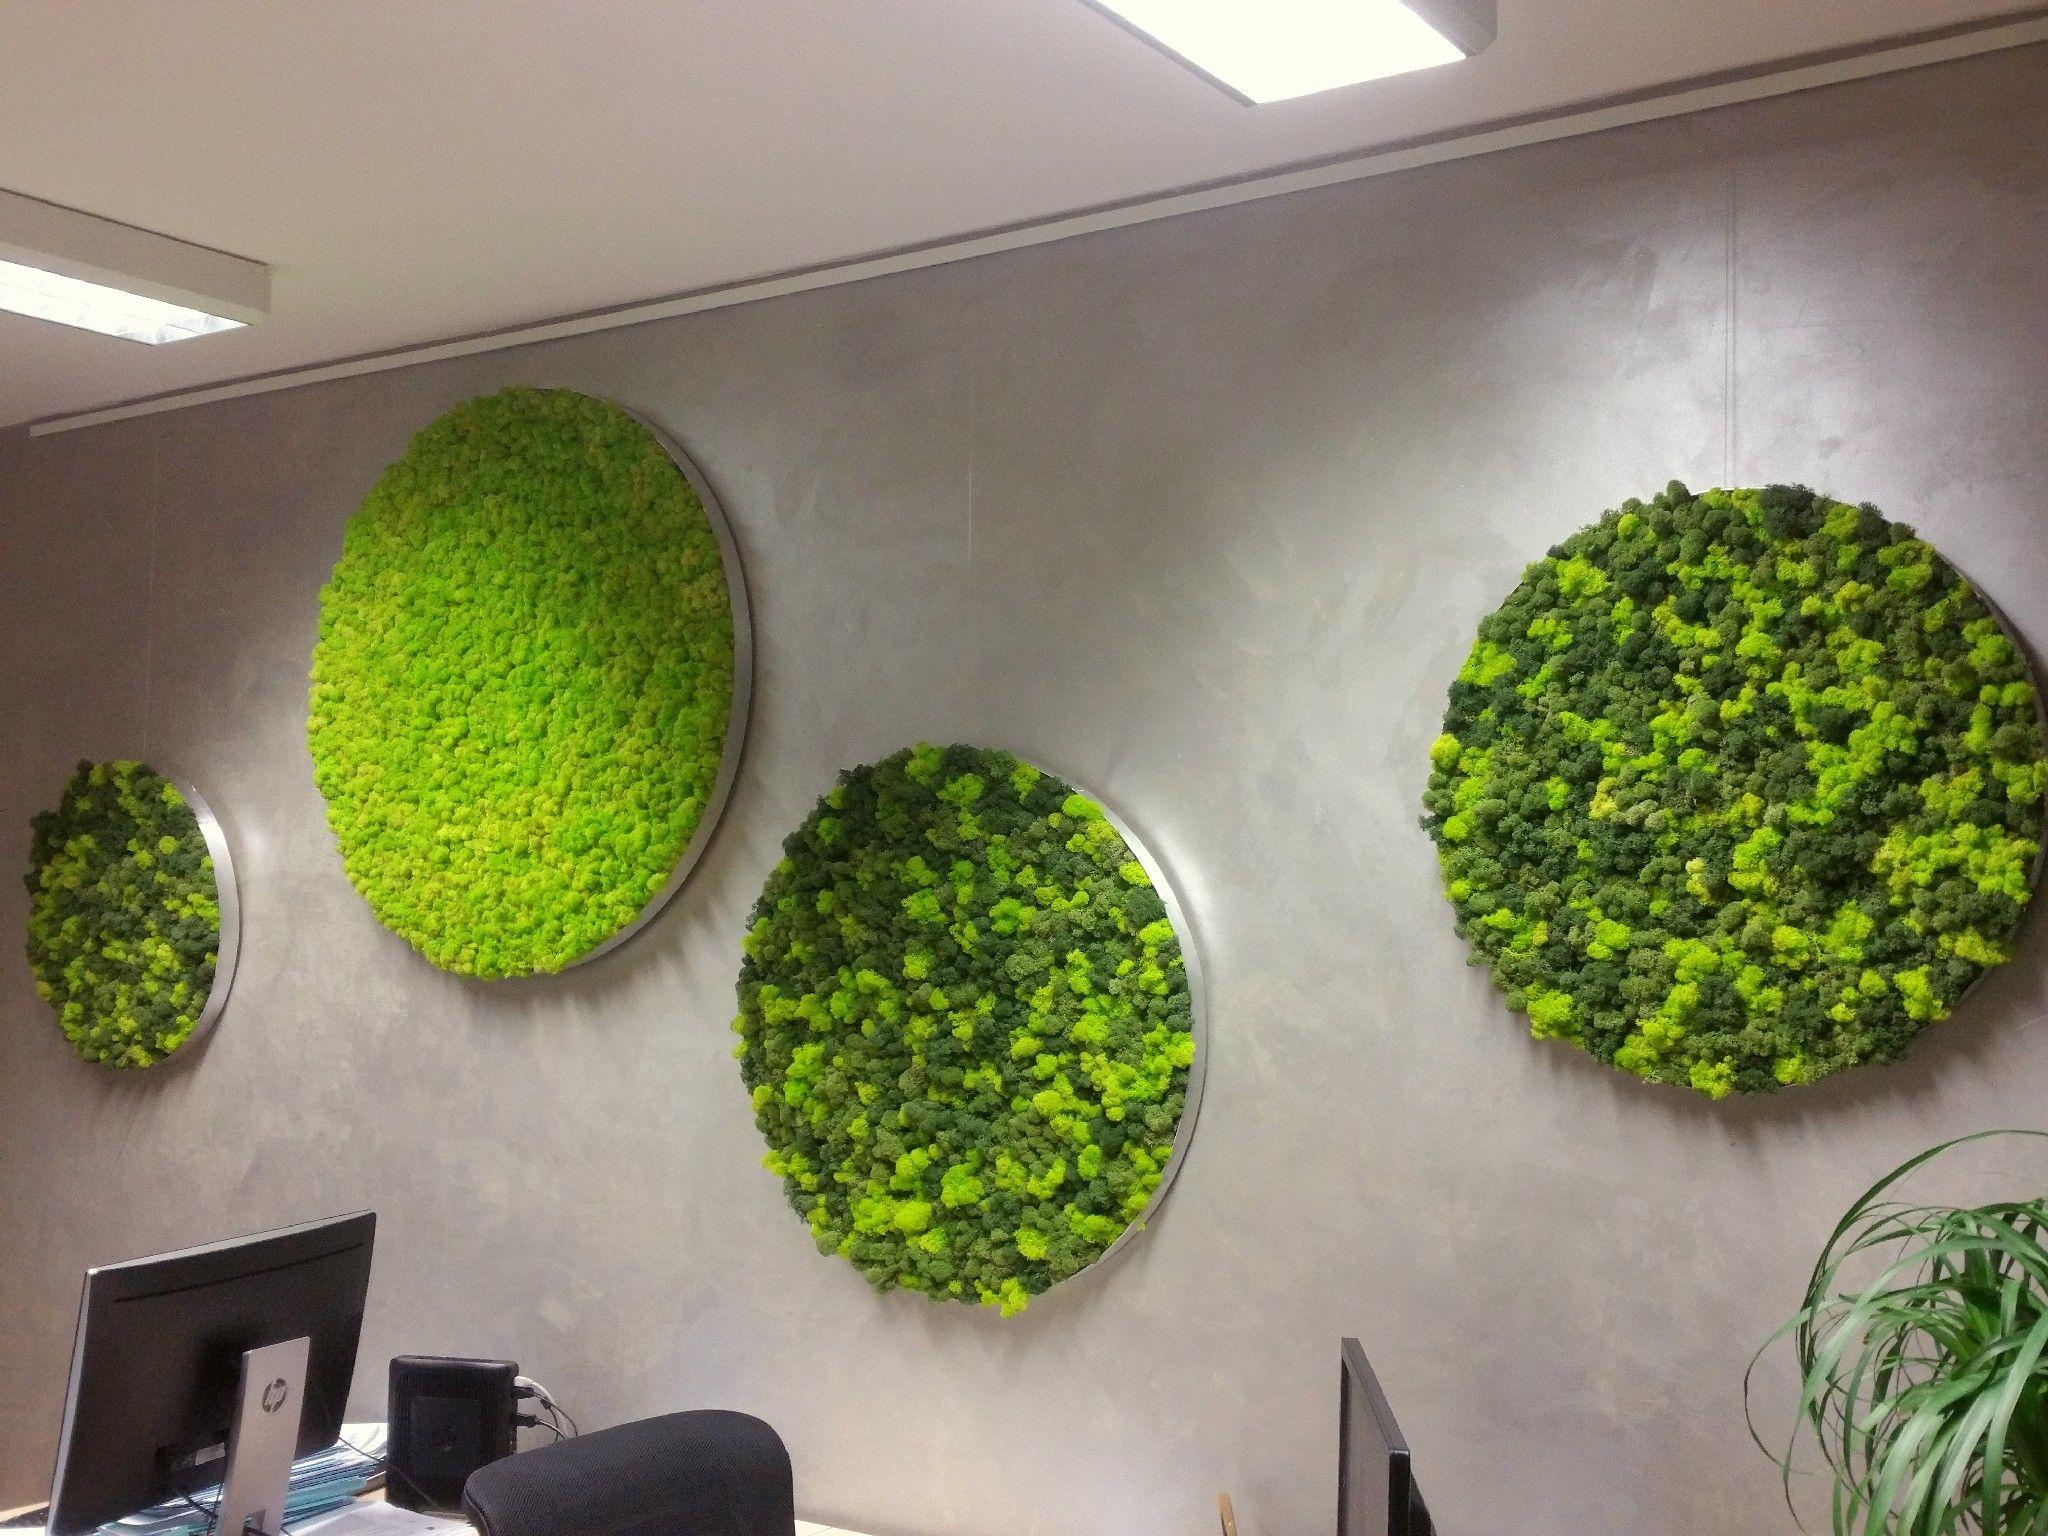 Runde moosbilder mit alurahmen und islandmoos elements erde haus moss wall wall und plants - Vertikaler garten innenraum ...